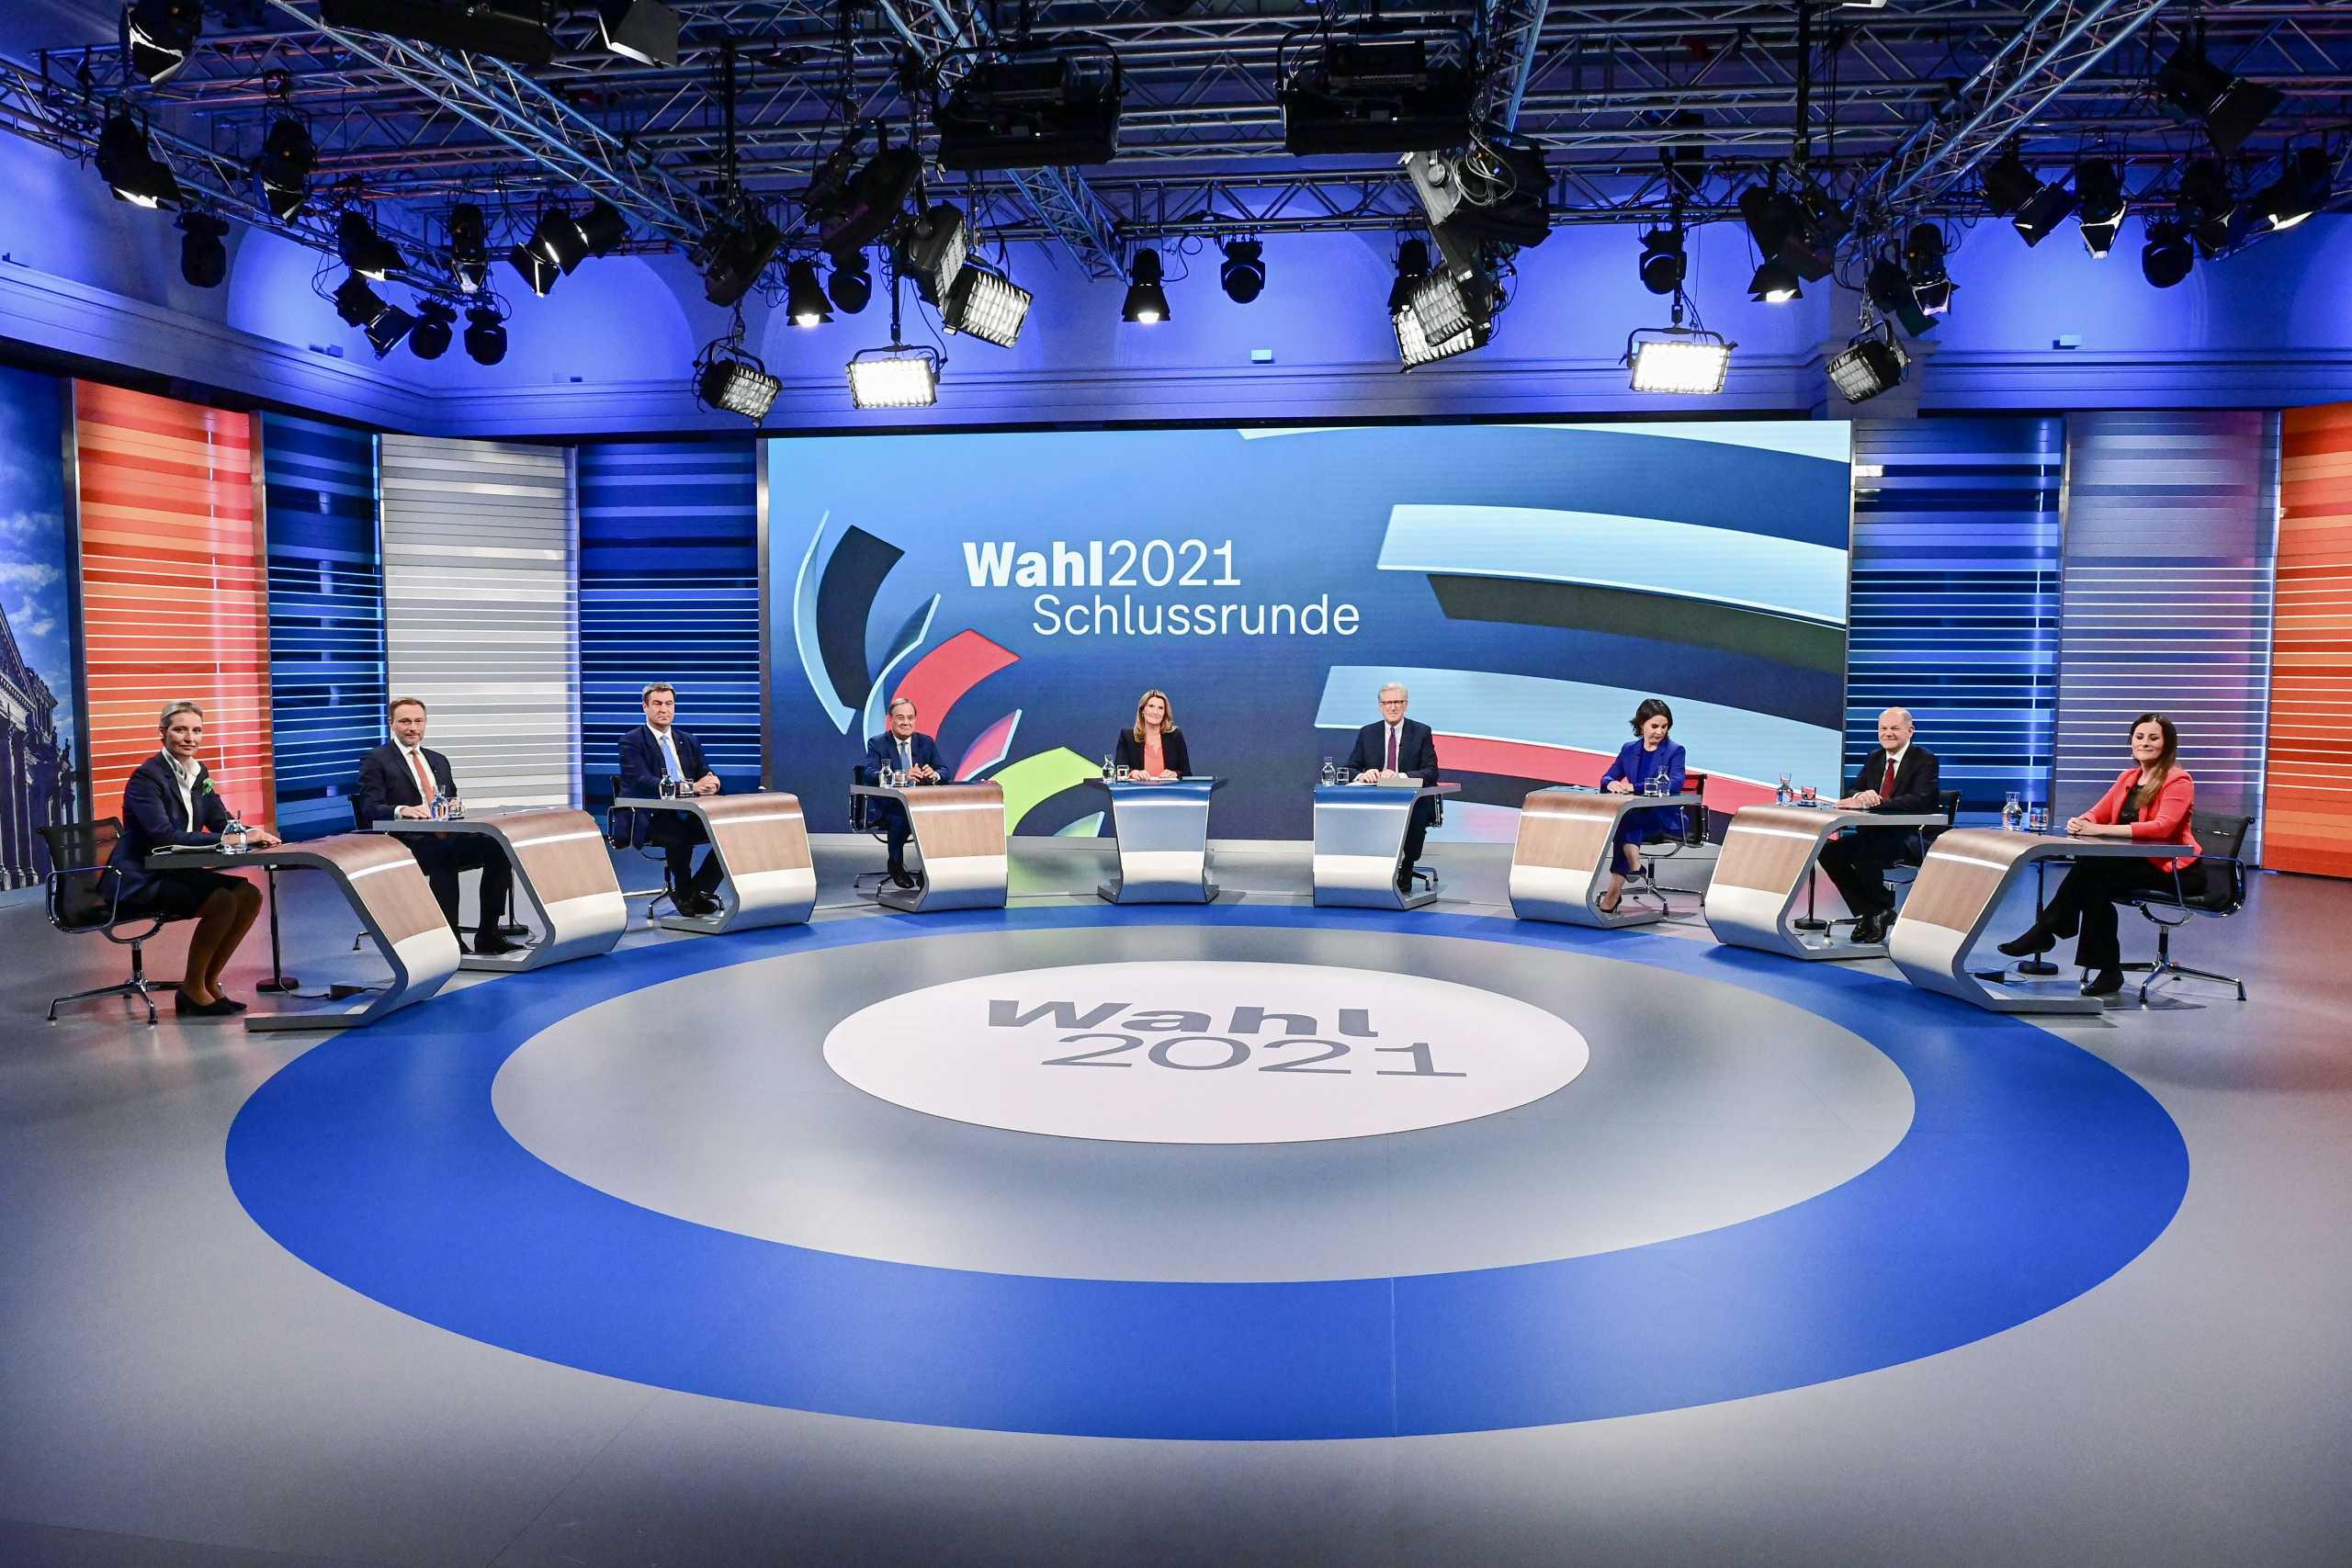 Εκλογές στη Γερμανία: Ροκανίζουν τη διαφορά οι Χριστιανοδημοκράτες – Χωρίς εκπλήξεις το τελευταίο debate